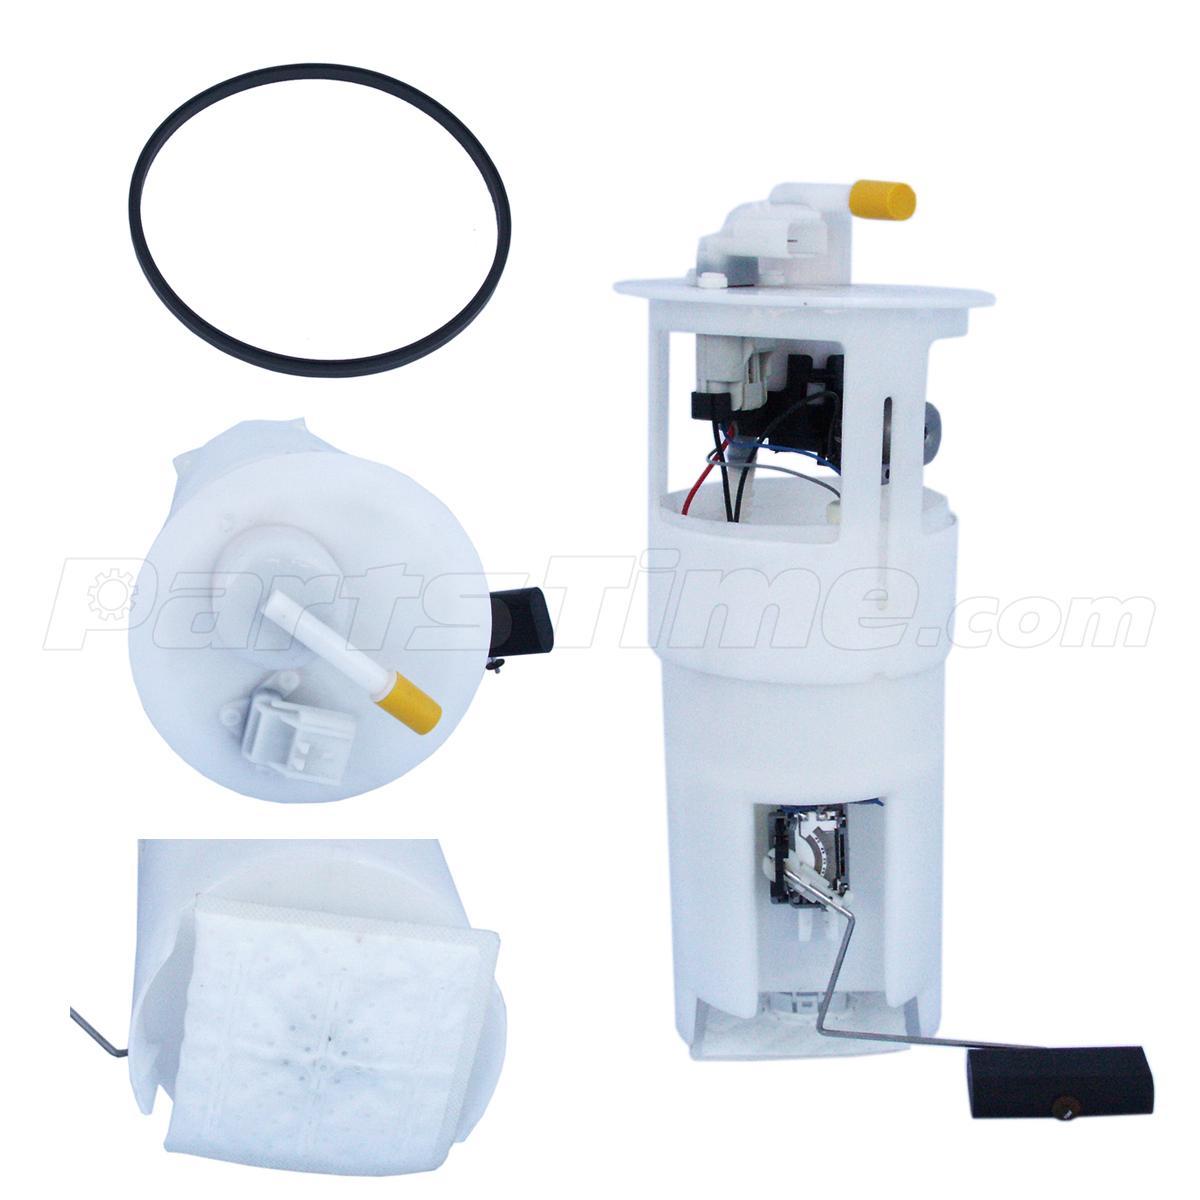 sp7137m 5003958ac fuel pump w strainer for chrysler 300m. Black Bedroom Furniture Sets. Home Design Ideas